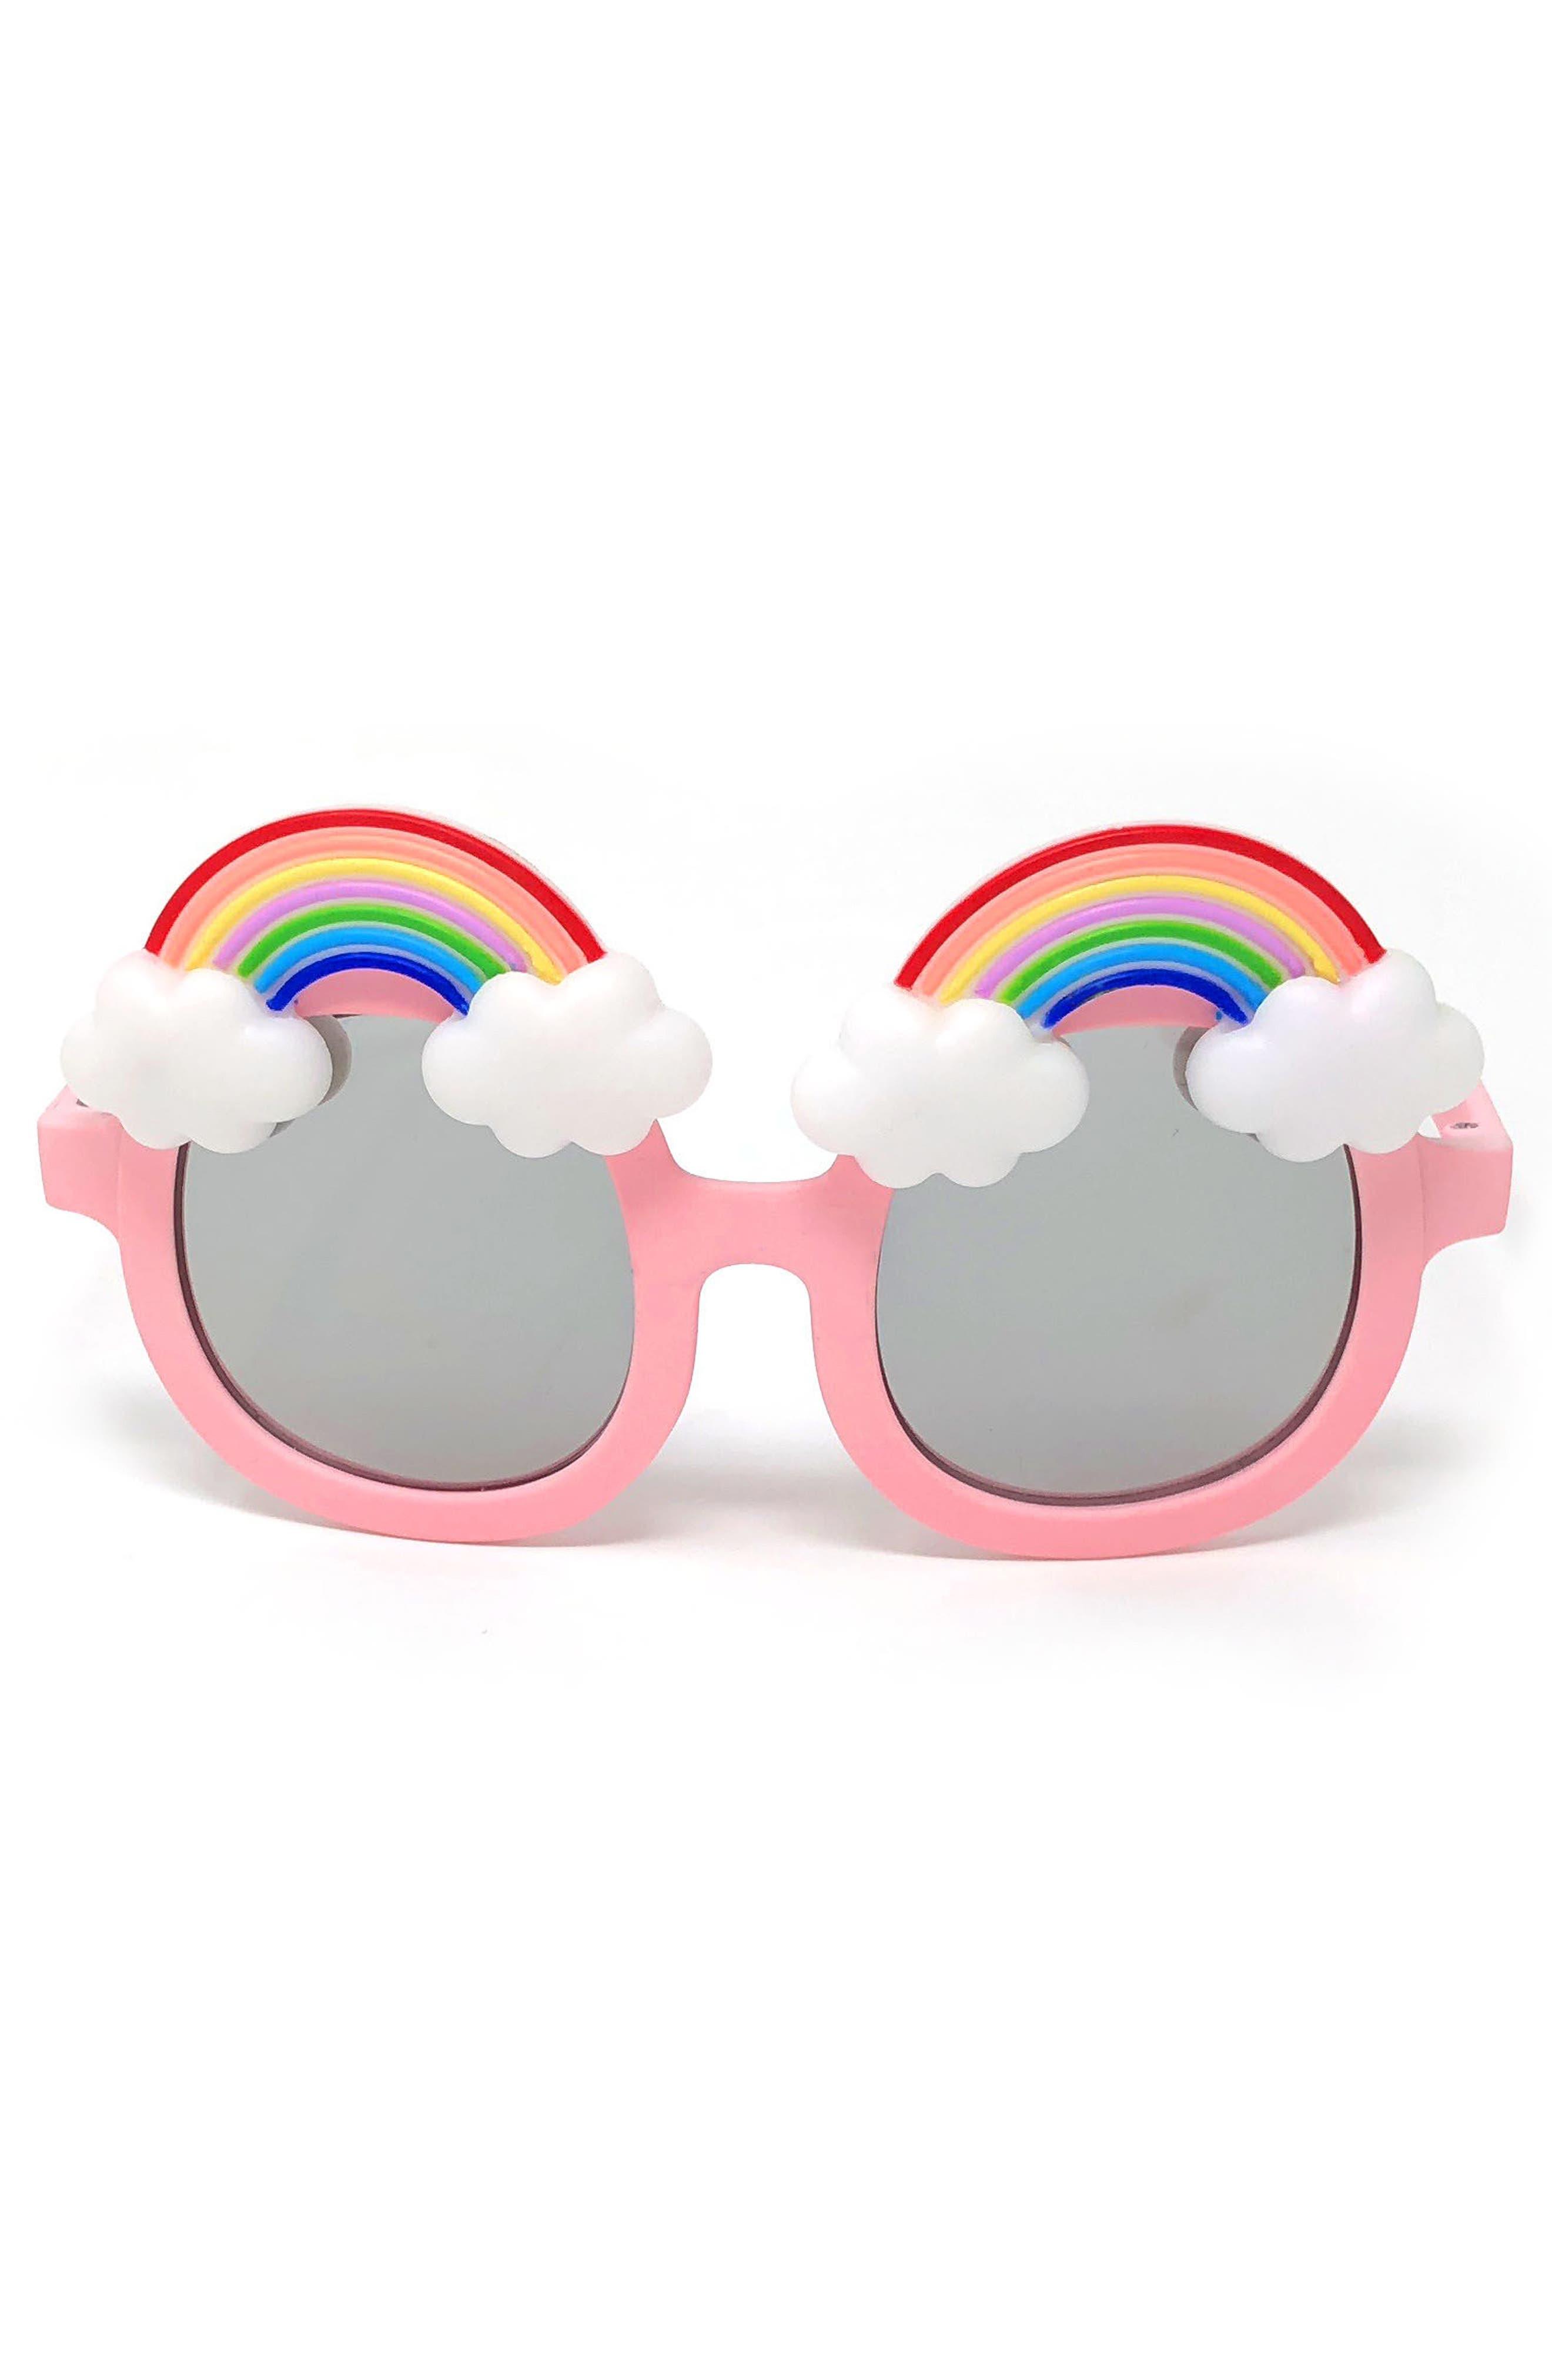 Loose Leaf Eyewear Large Round Rainbow Sunglasses (Toddler)